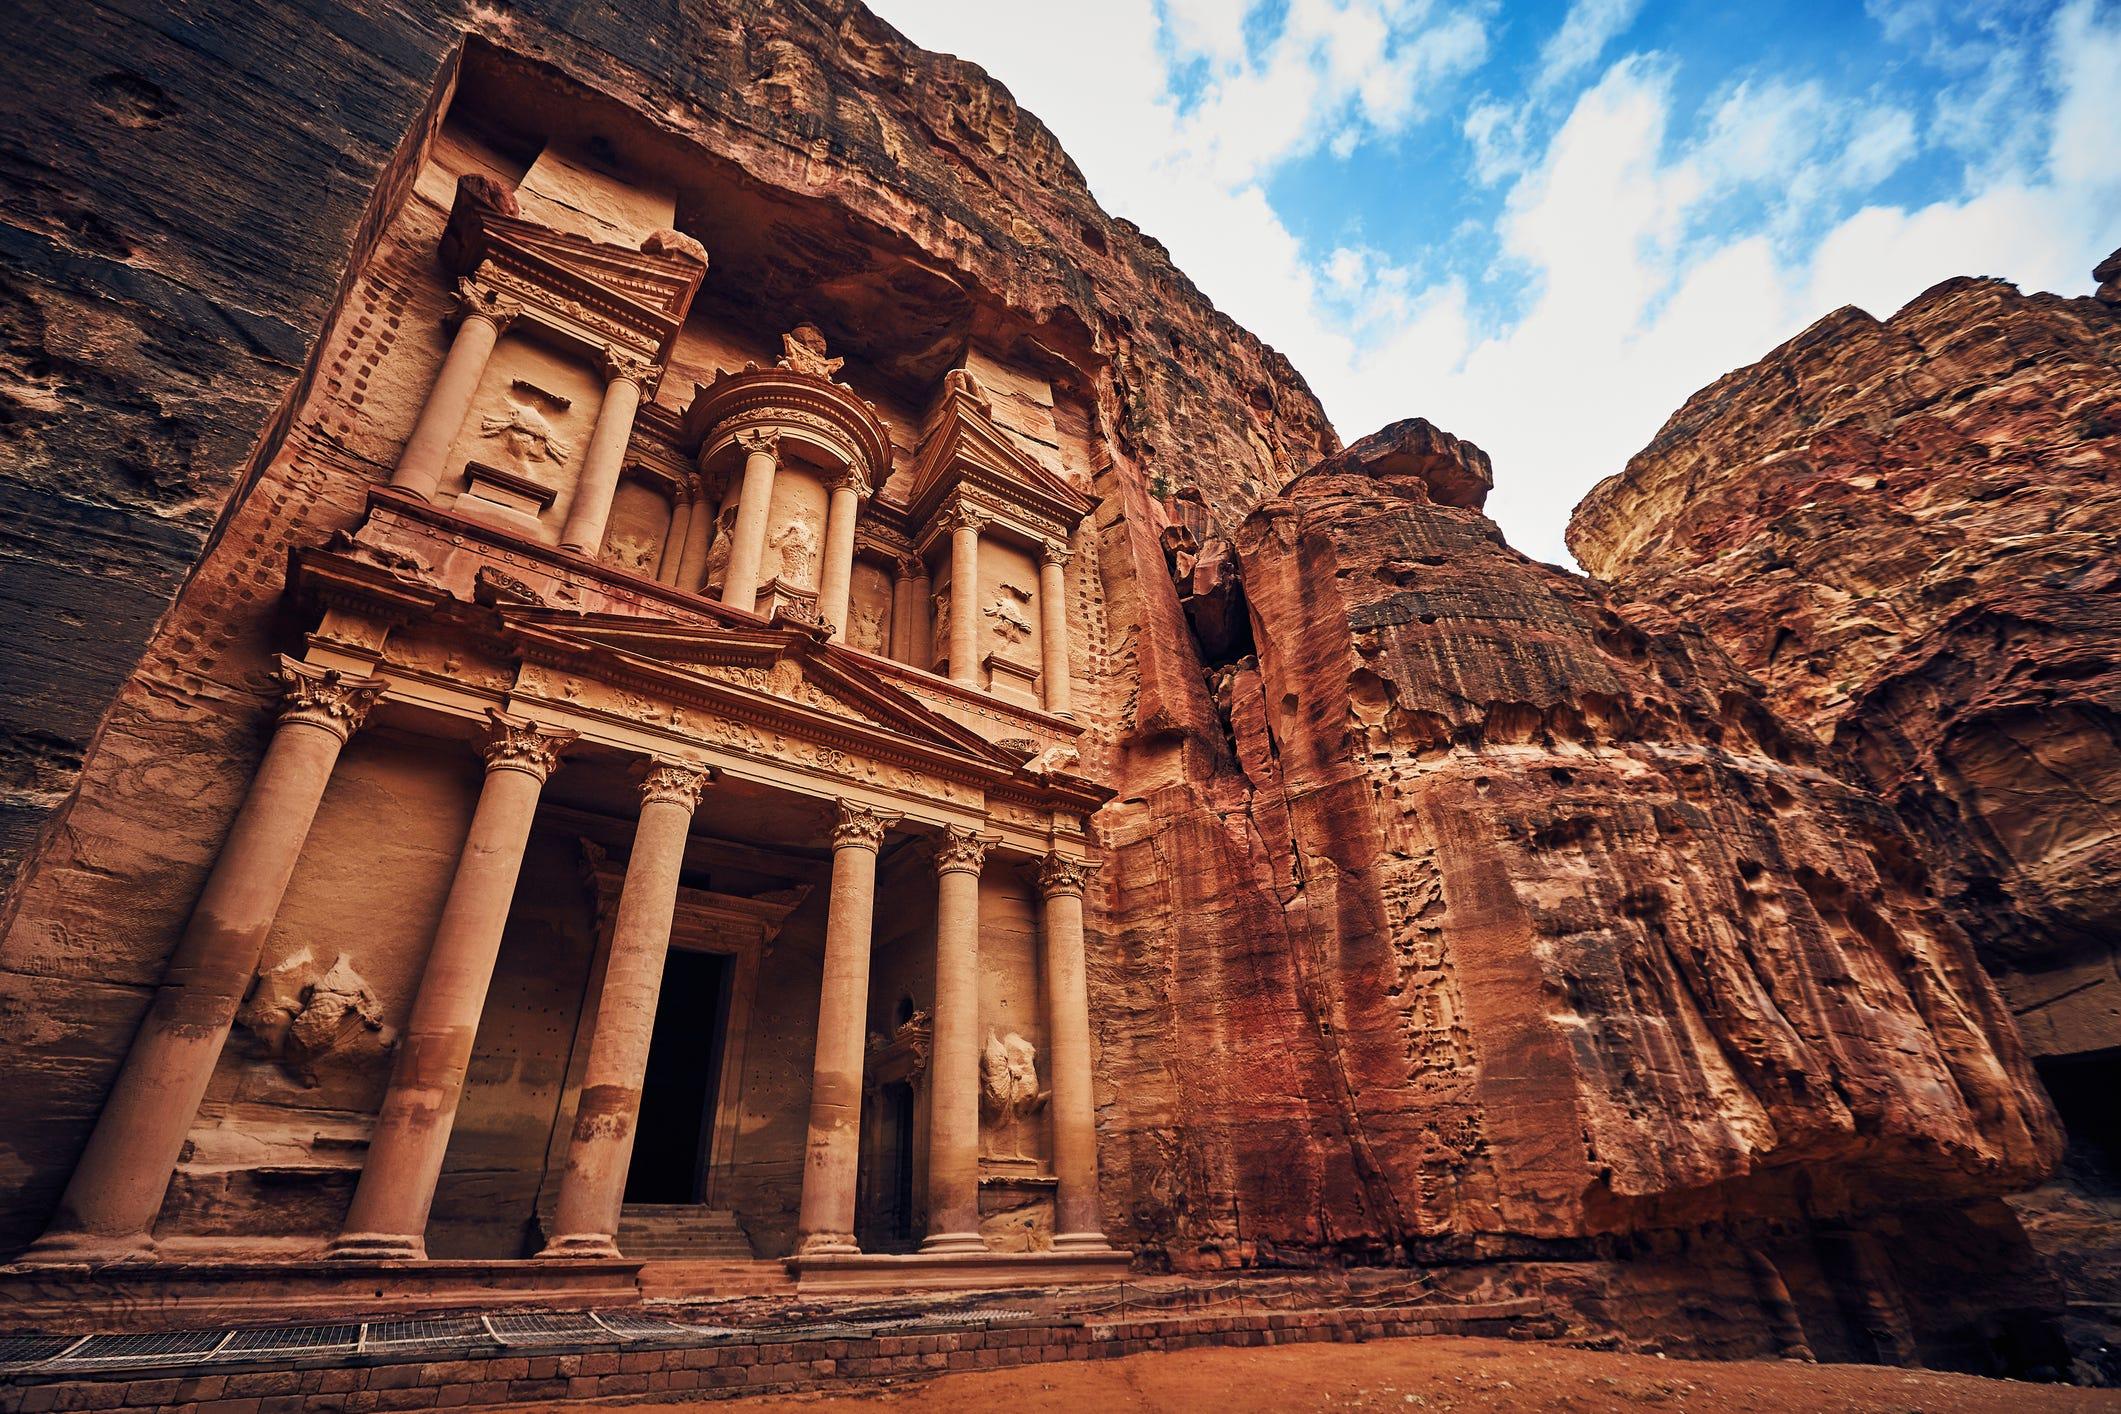 Топ 10 объектов всемирного наследия - топ 10 мира